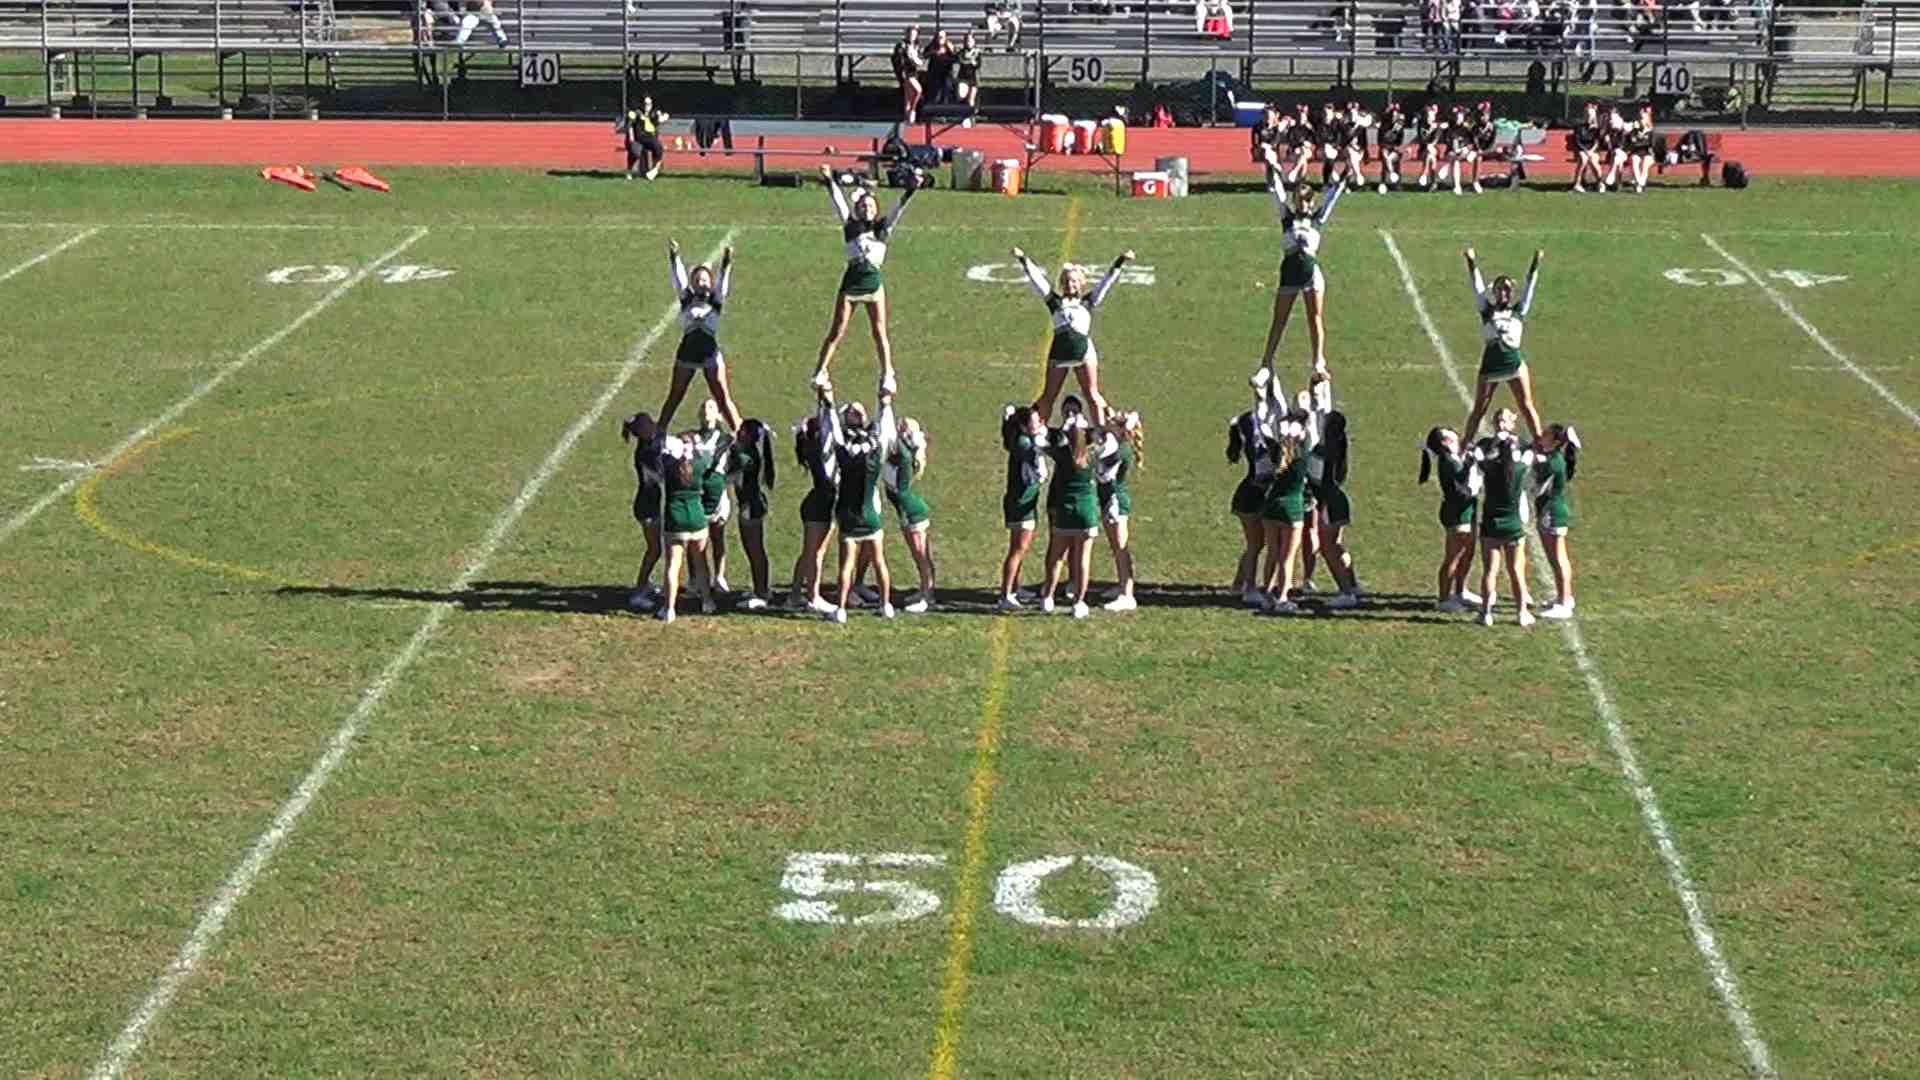 cheer video passaic valley cheerleading performance jersey